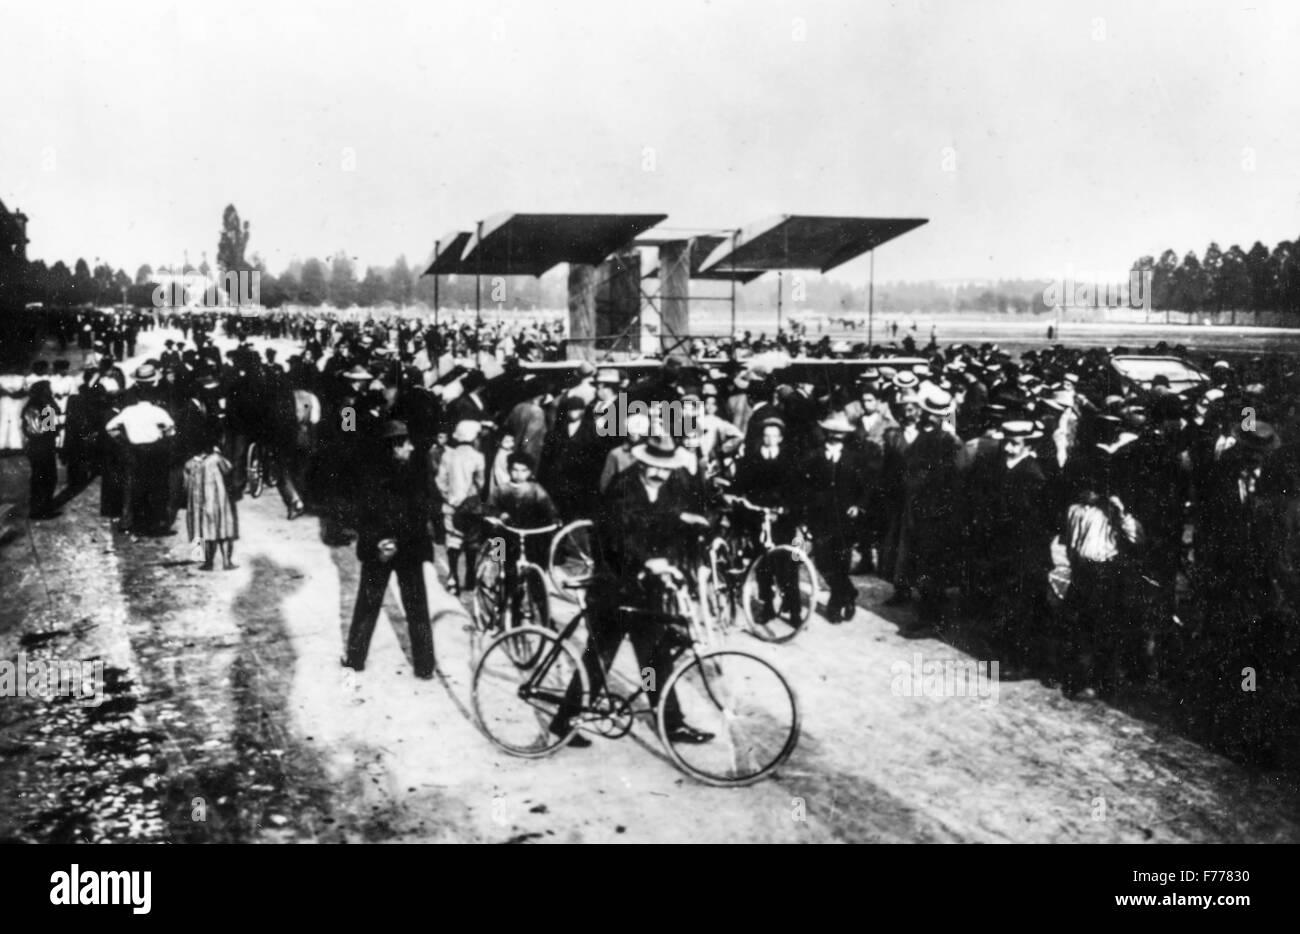 rally in Montichiari near Brescia the greatest aviators including the Italian Calderara and the American Curtis,1909 - Stock Image